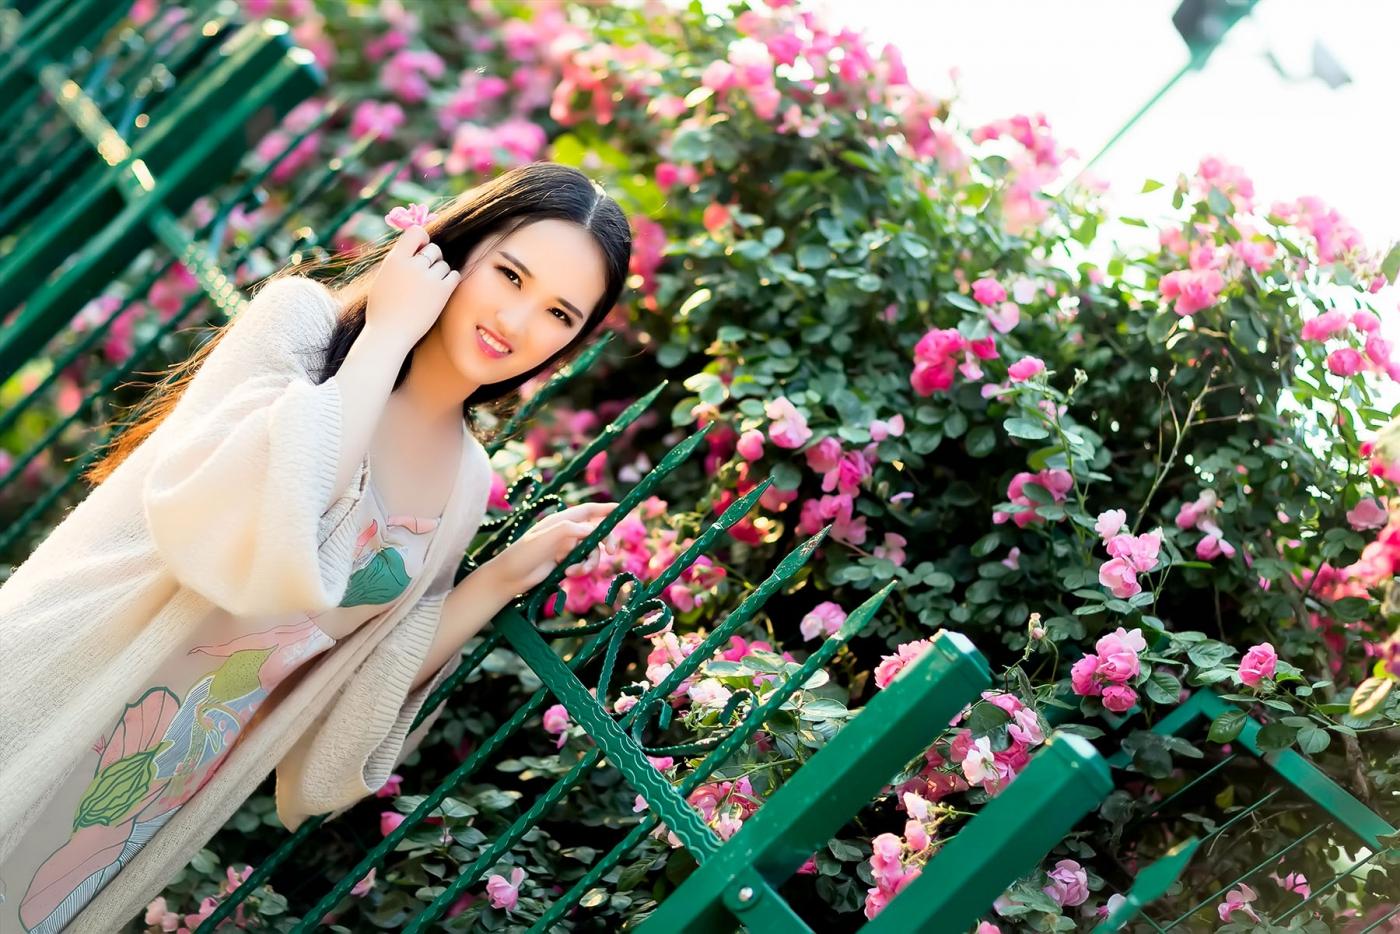 蔷薇·阳光·女孩 去见你想见的人吧_图1-6